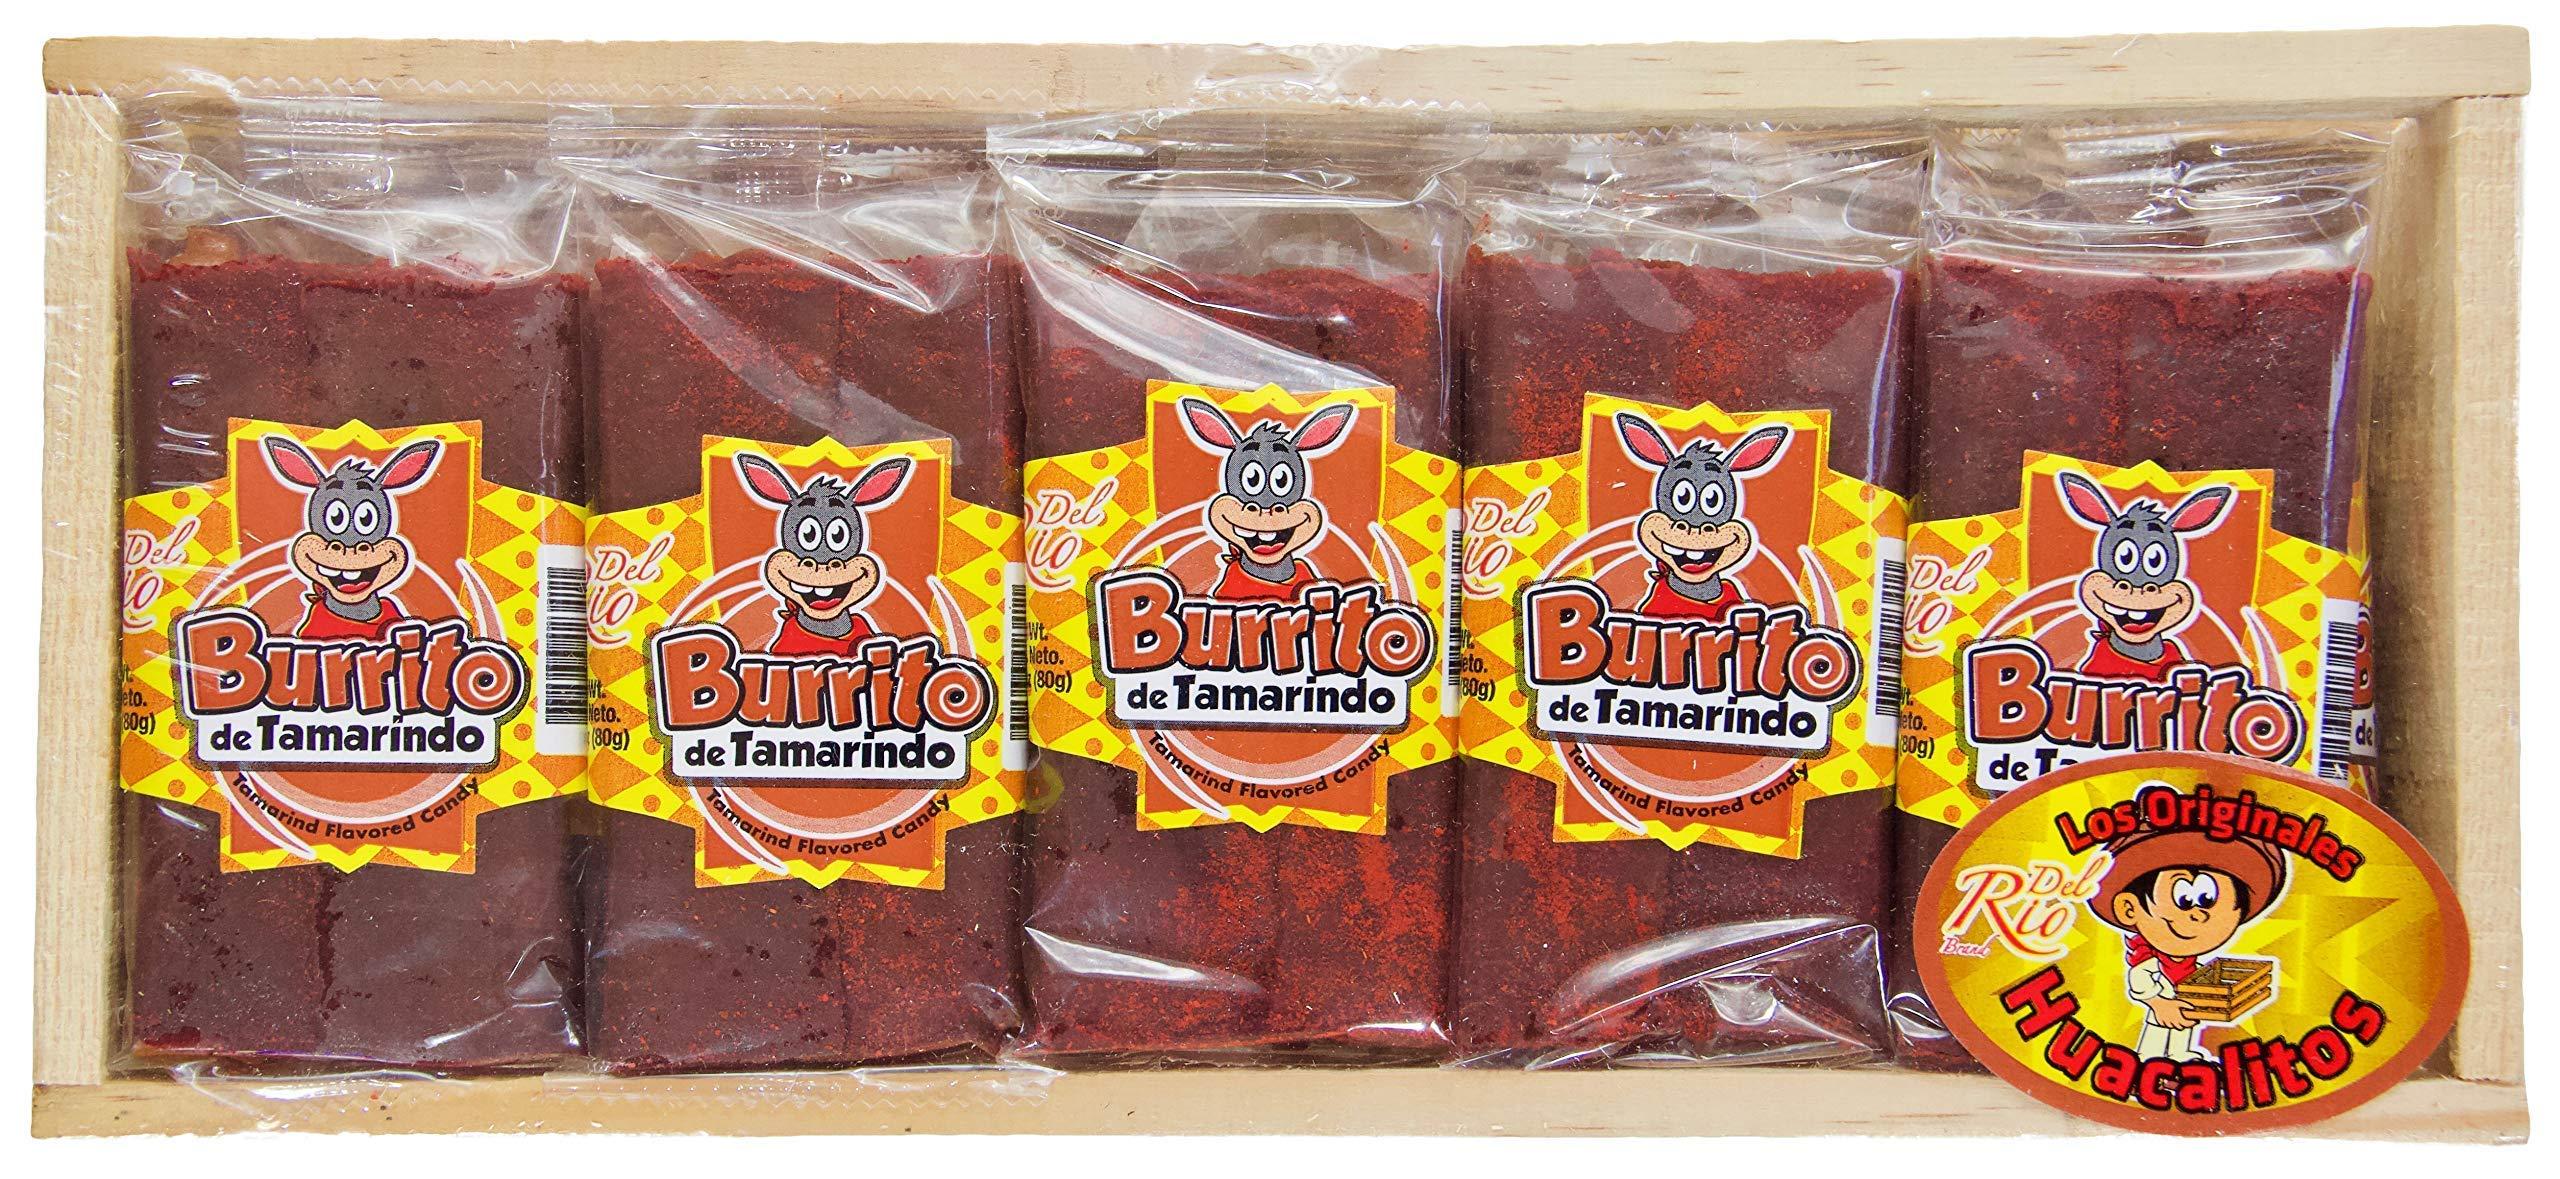 Burrito de Tamarindo: Tamarind Flavored Candy (24 Pieces) by Del Rio Brand